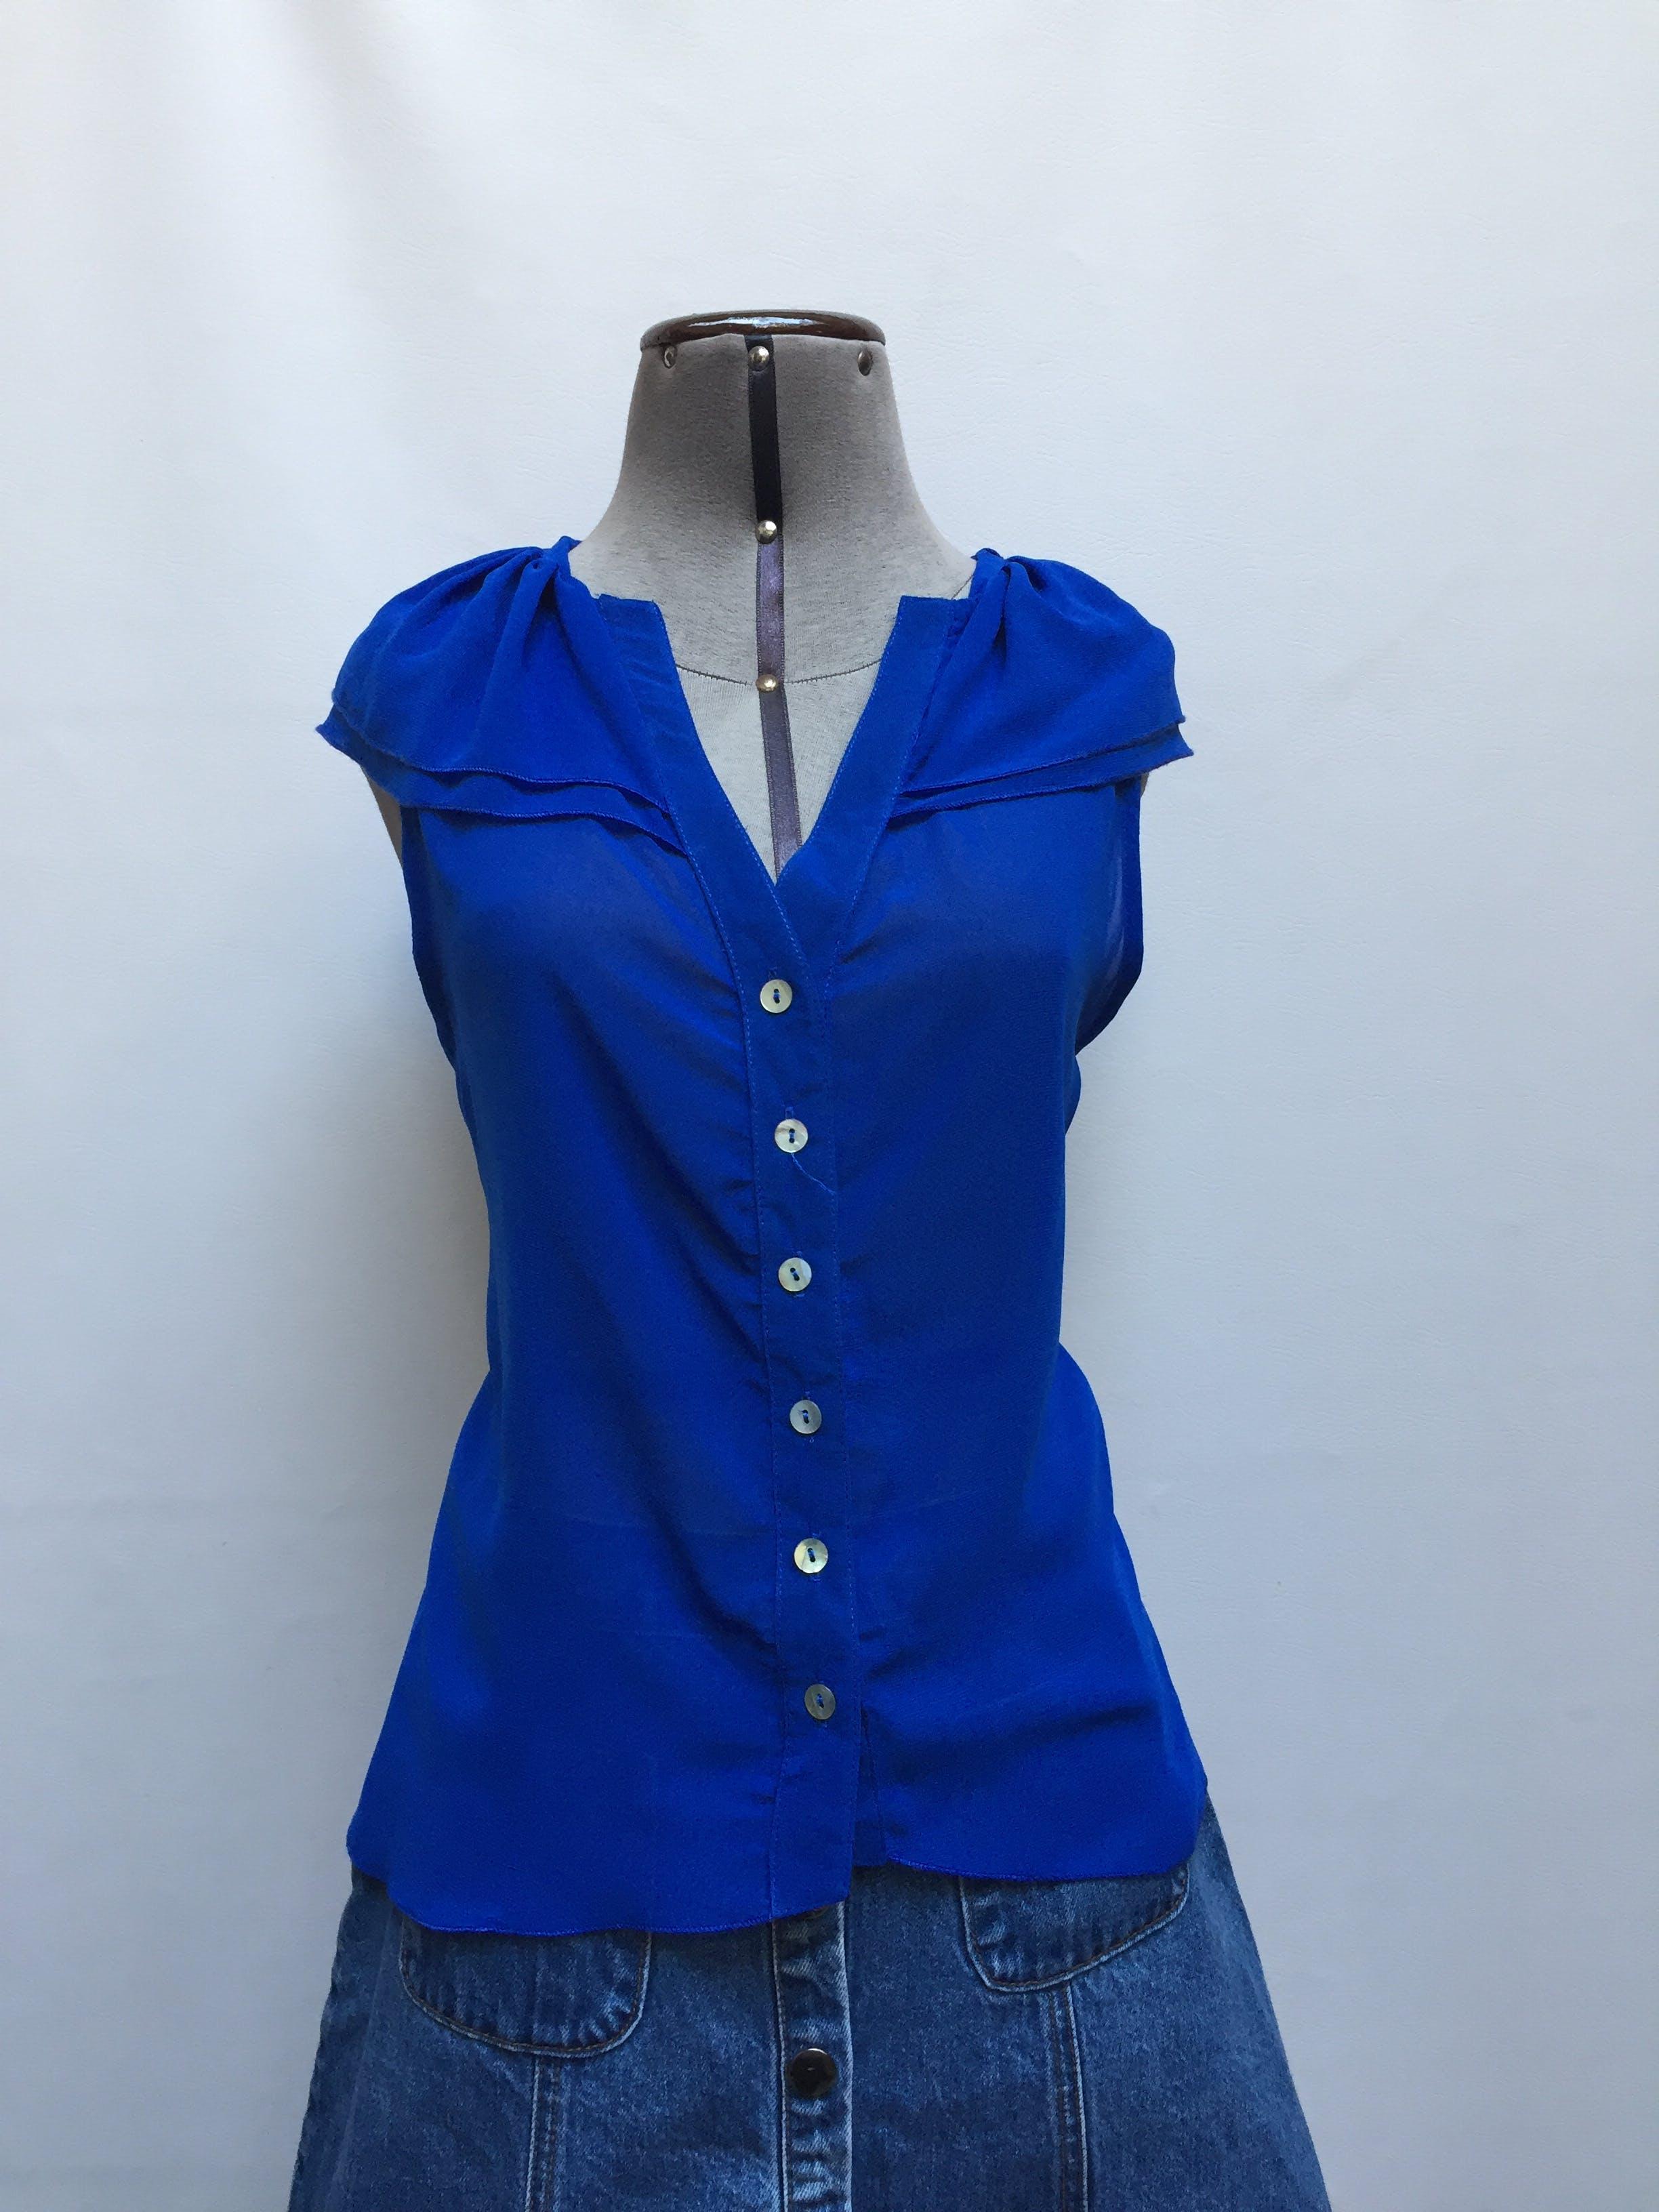 Blusa de gasa azul con volante en el cuello, botones delanteros y basta asimétrica Talla M